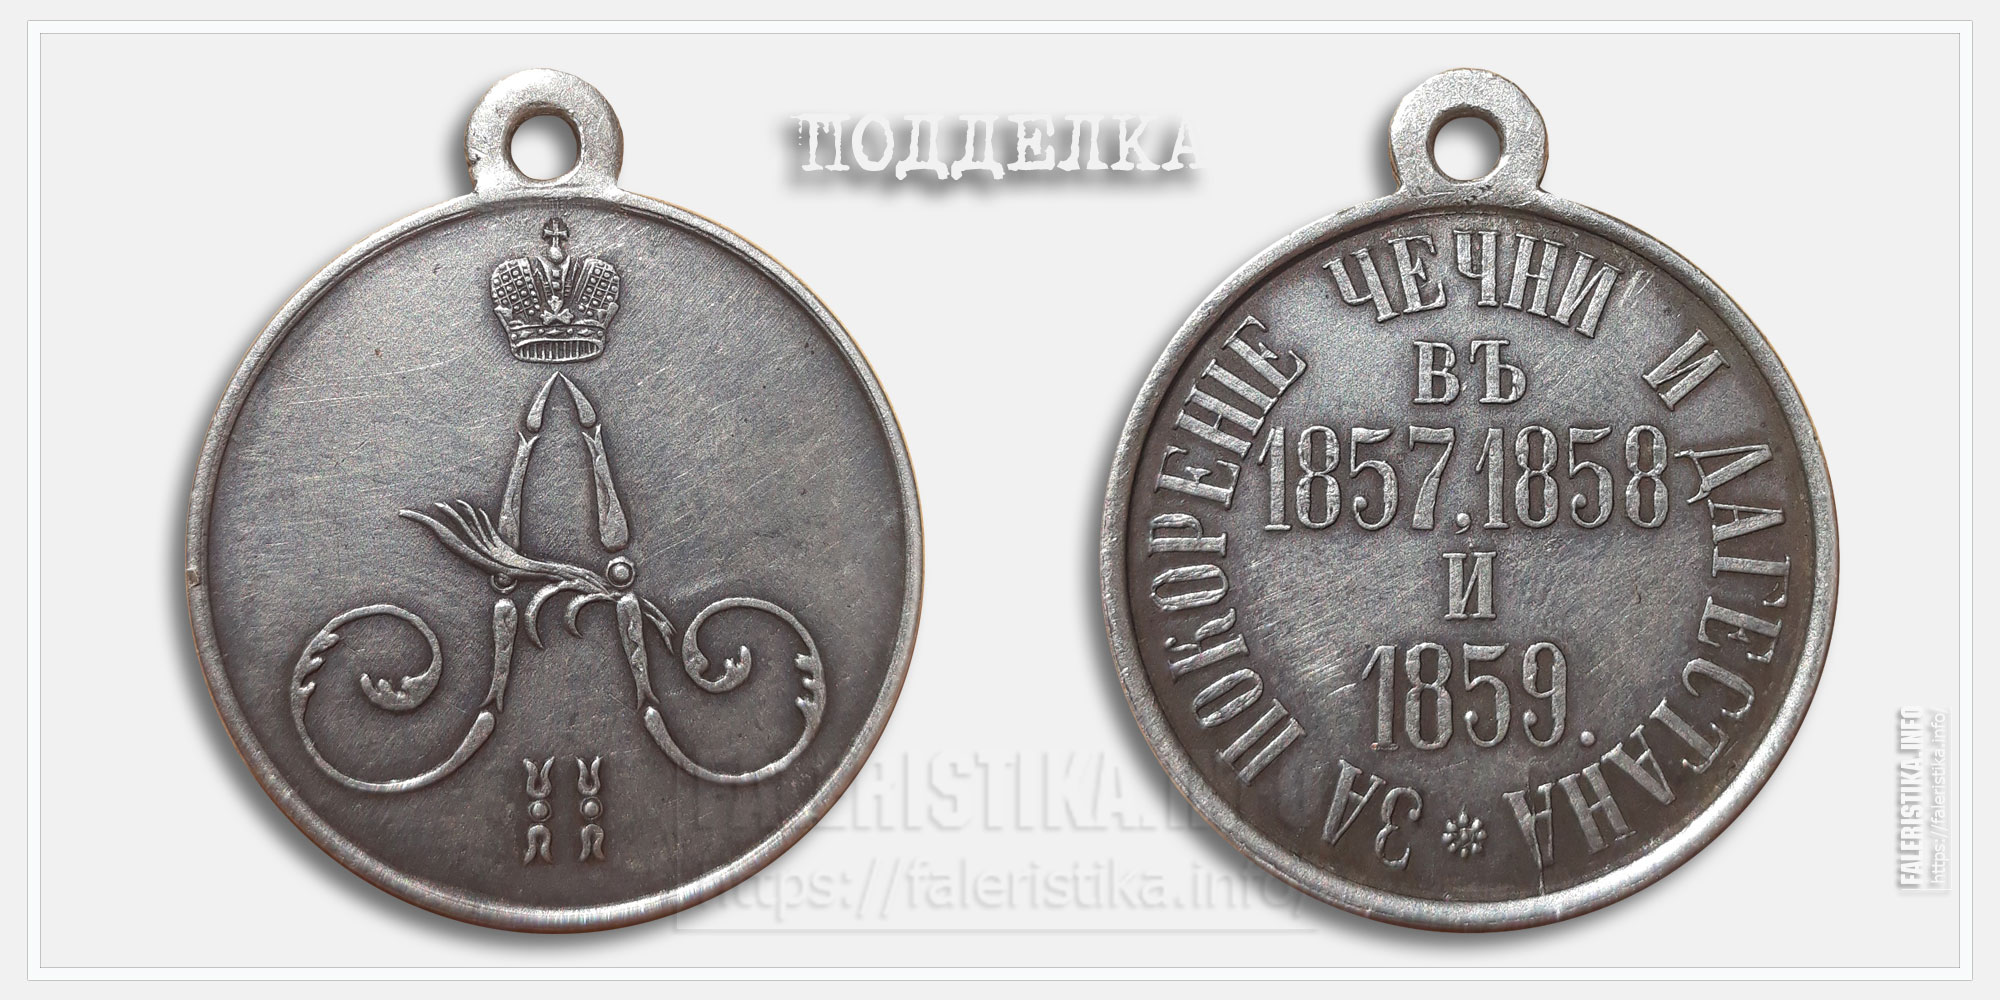 """Медаль """"За покорение Чечни и Дагестана 1857-1859"""" (копия)"""